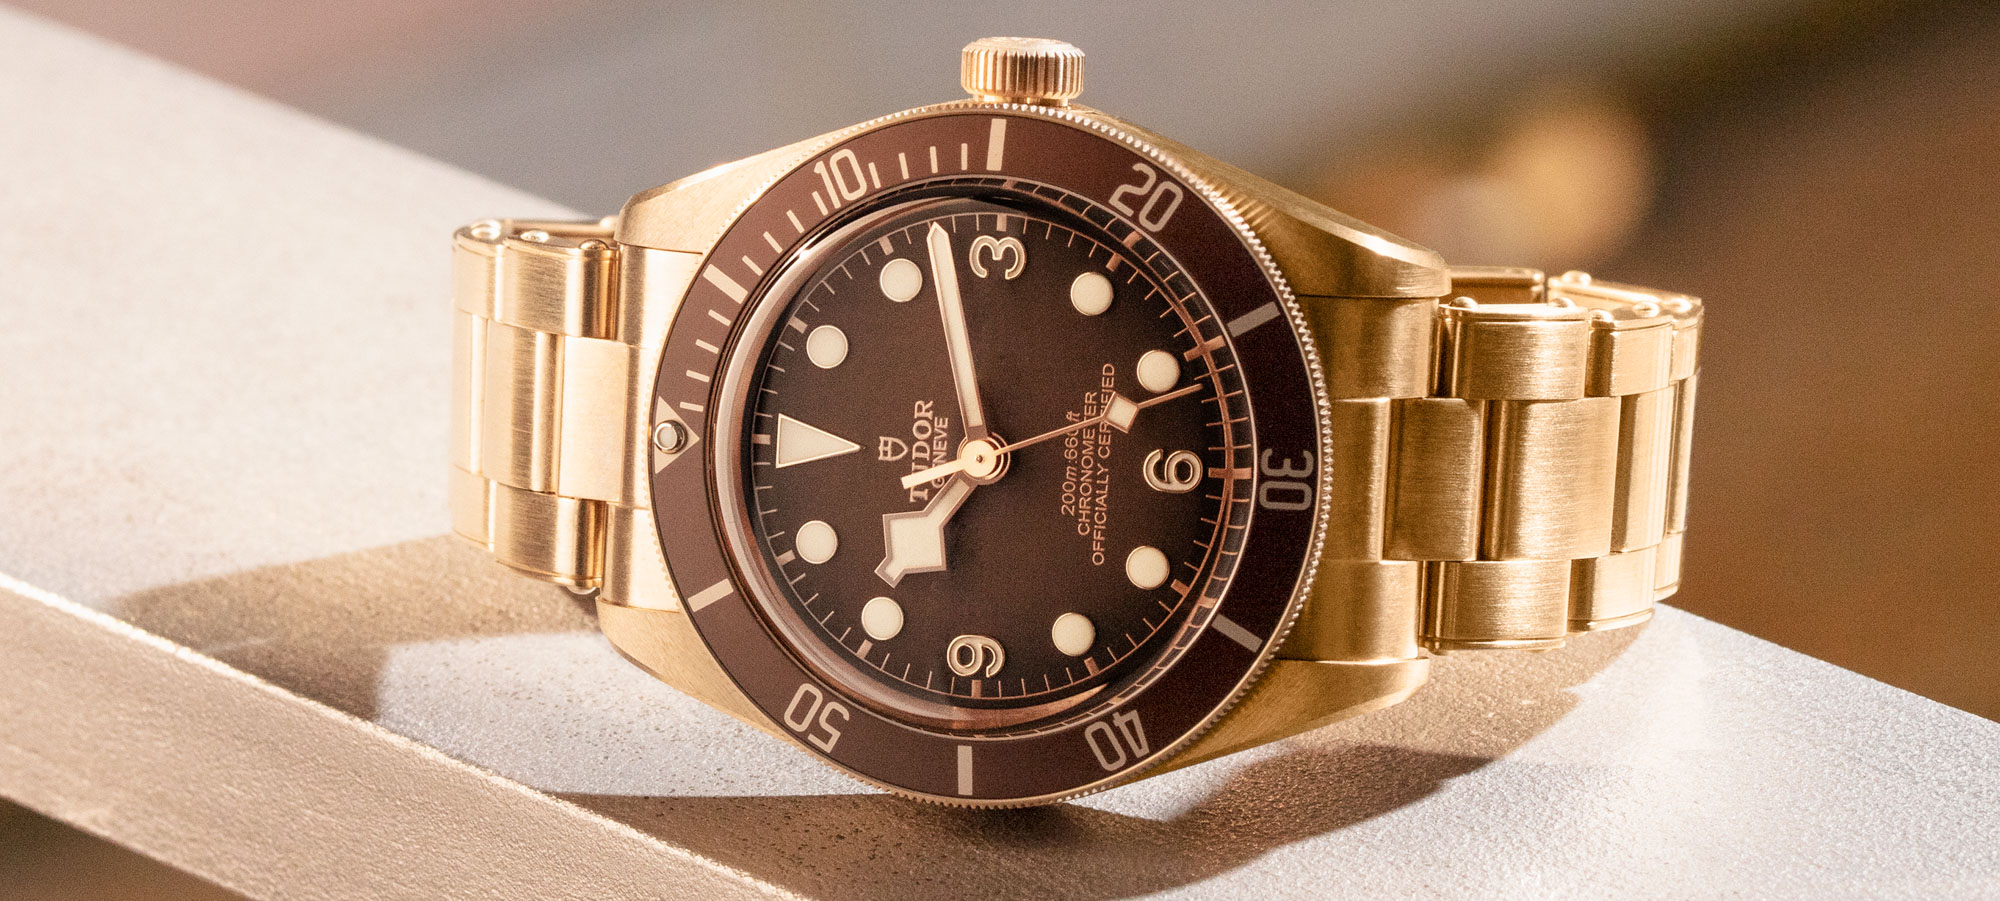 Бронзовые часы Tudor Black Bay Fifty-Eight с новой регулировкой T-Fit